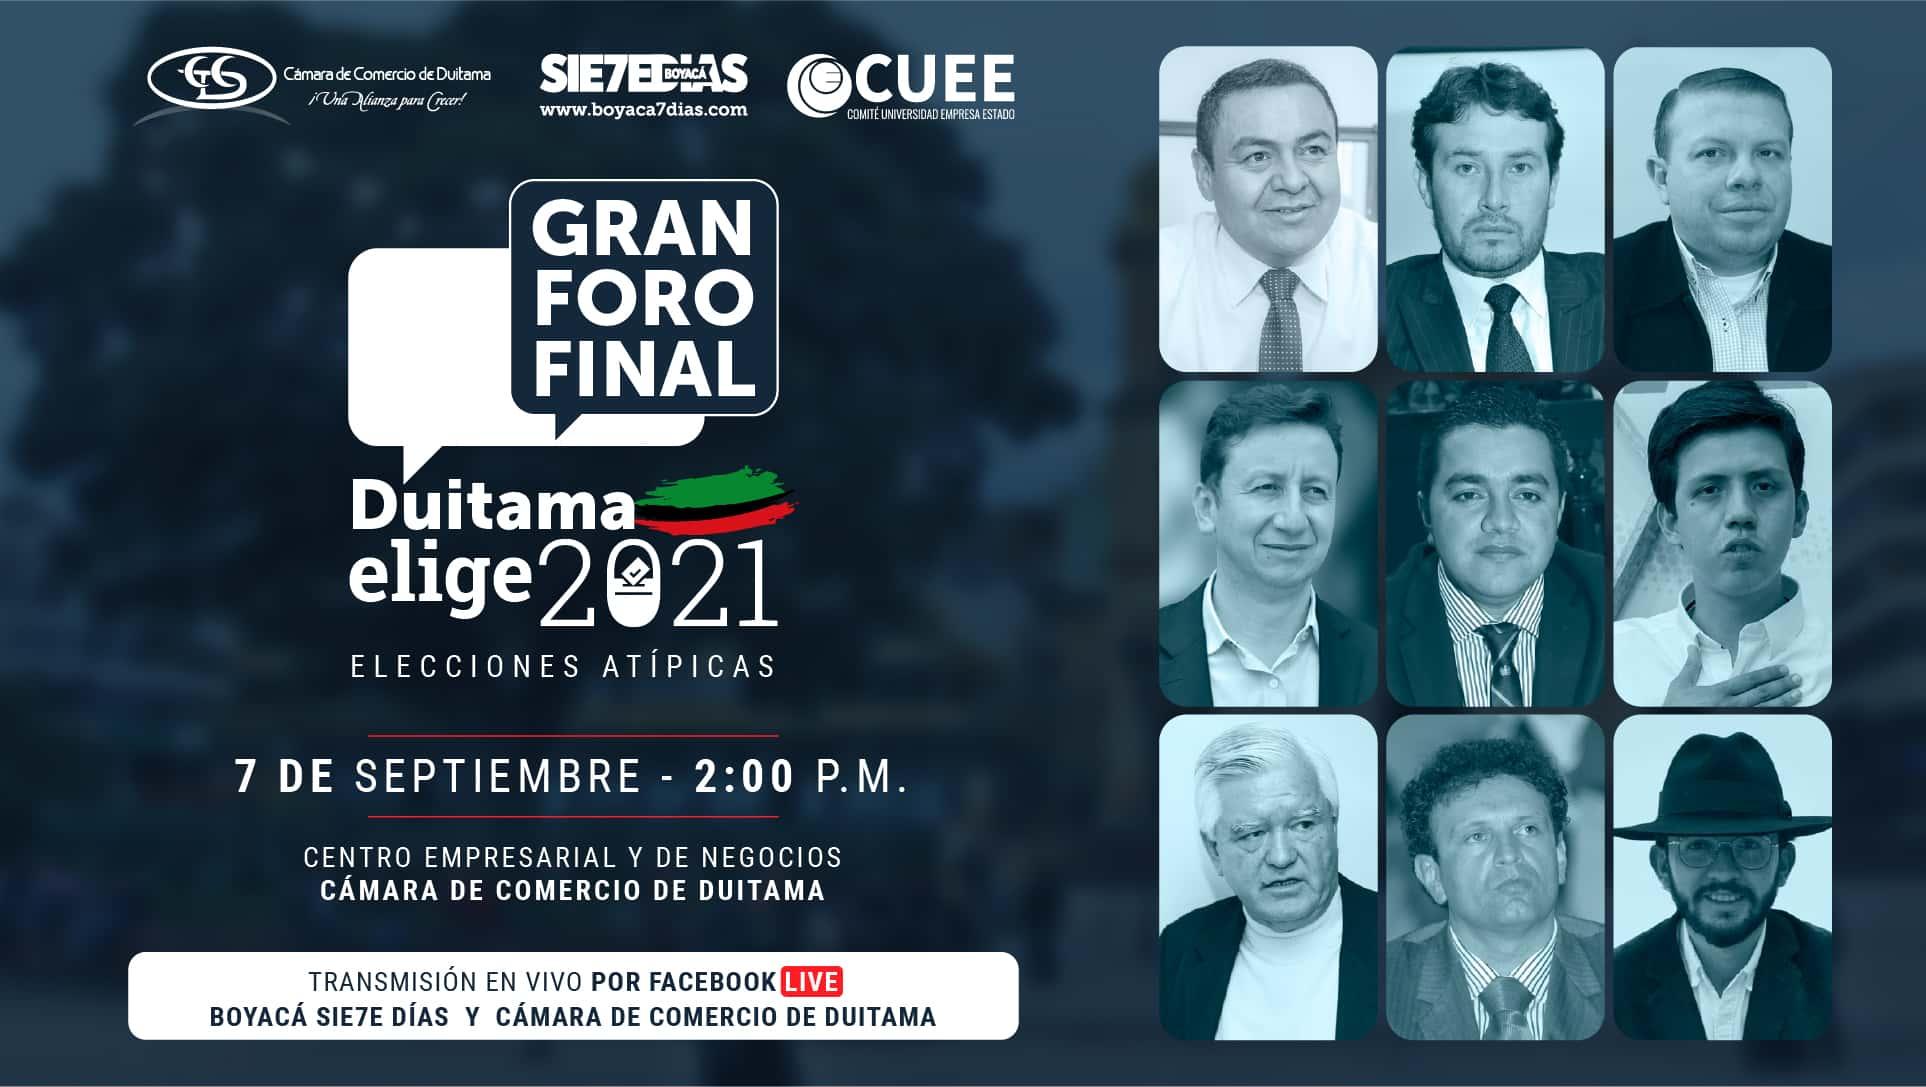 ¿Qué es el Gran Foro Final? El Presidente de la Cámara de Comercio de Duitama lo explica con detalle en #LaEntrevista7días 2